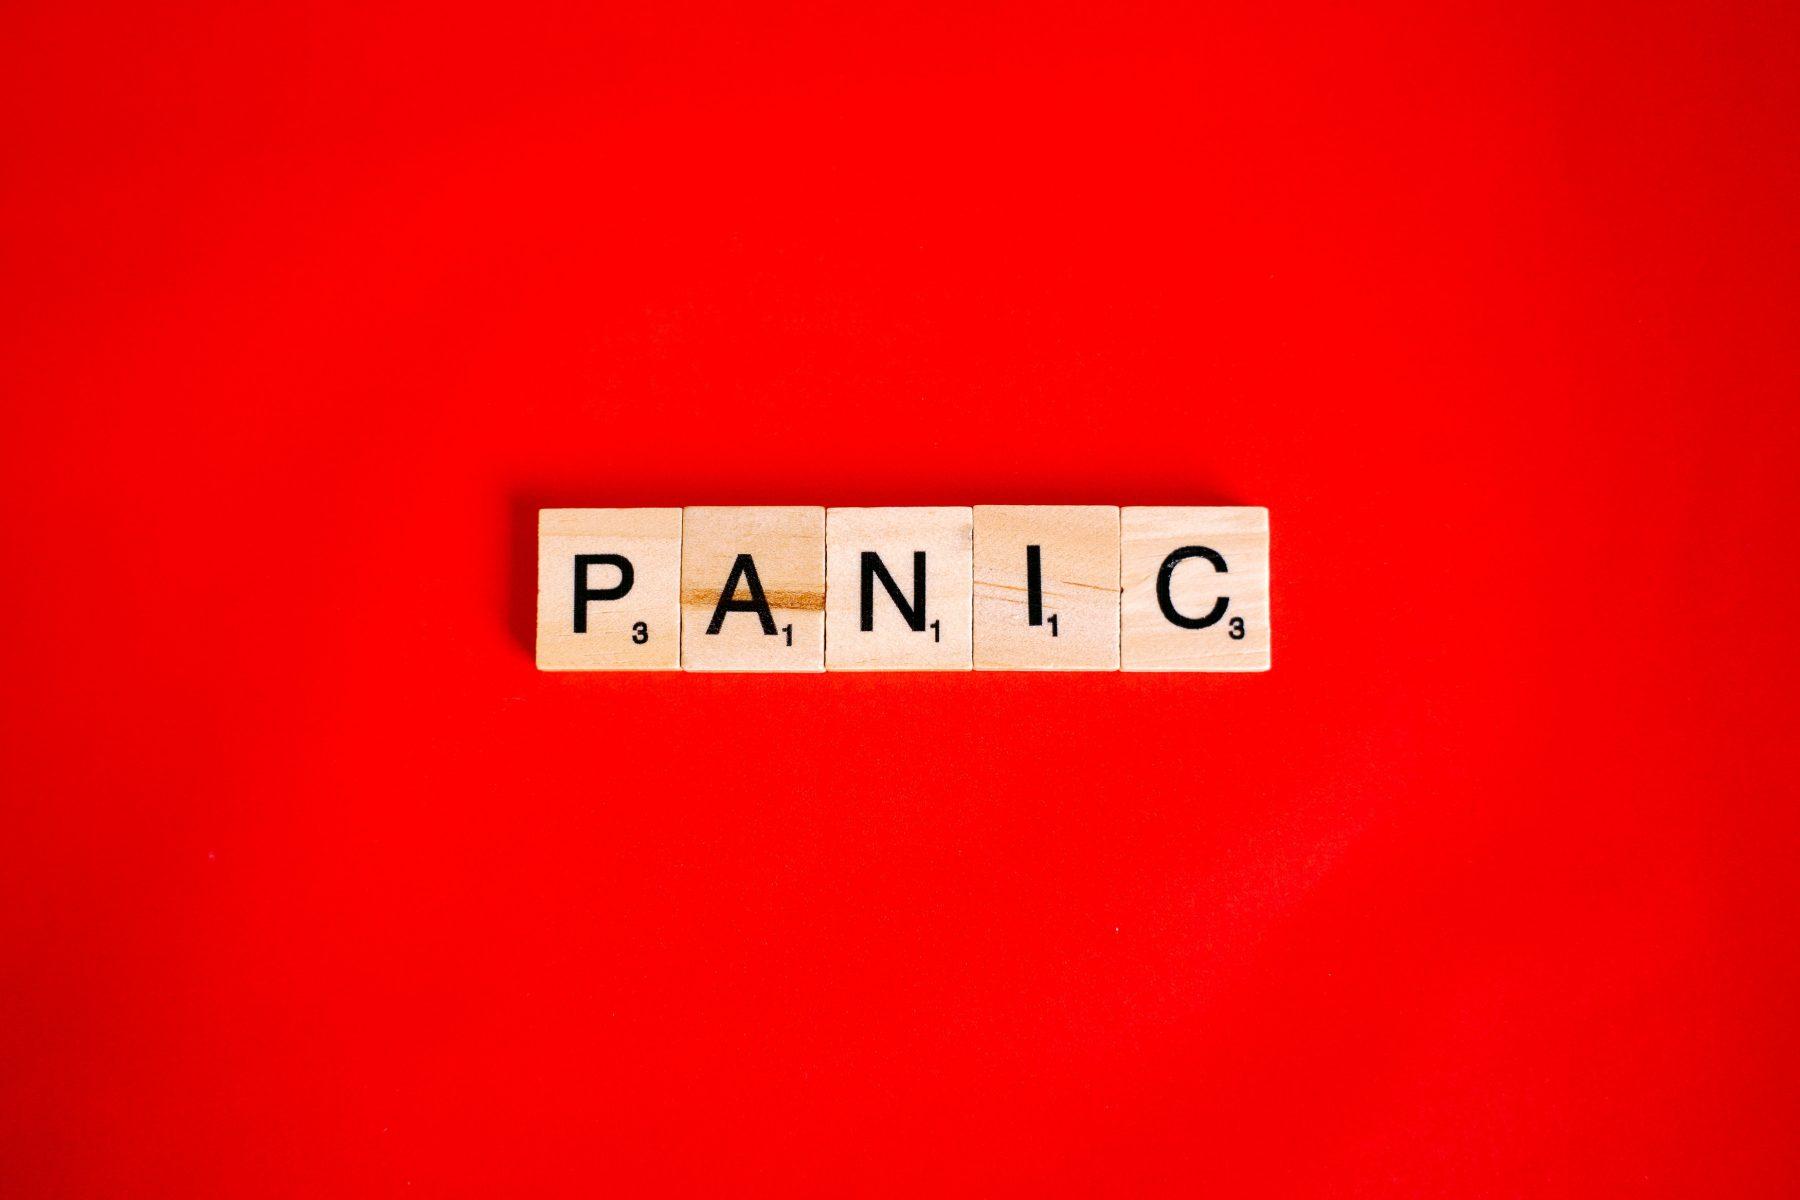 """Das Wort """"Panik"""" buchstabiert mit Scrabble-Buchstaben mit rotem Hintergrund."""